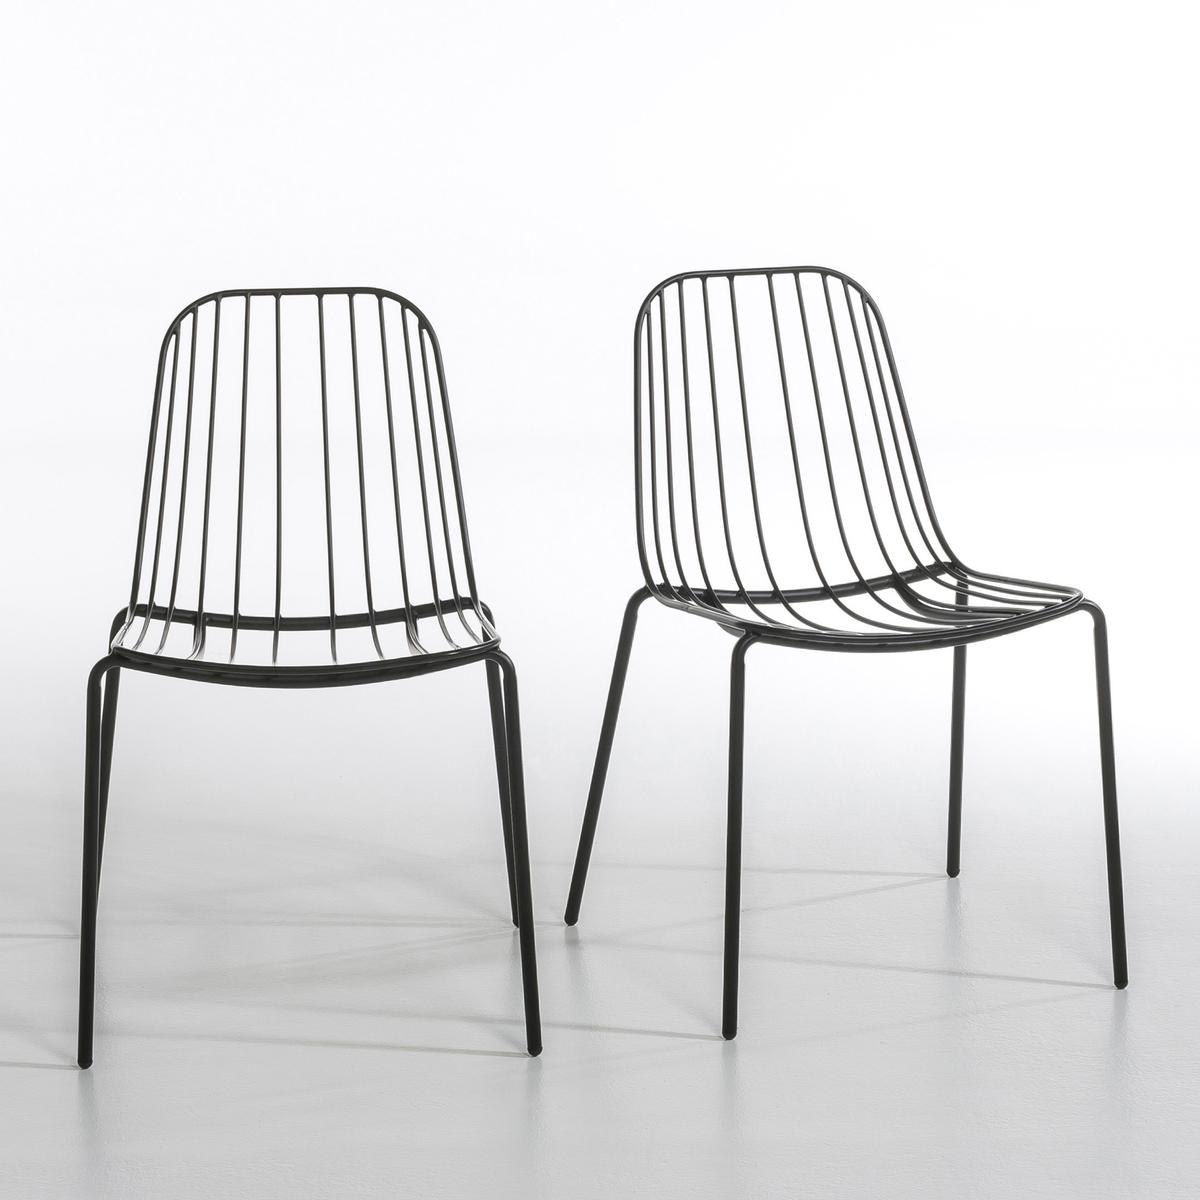 Стул из металла, Bop  (комплект из 2 стульев)